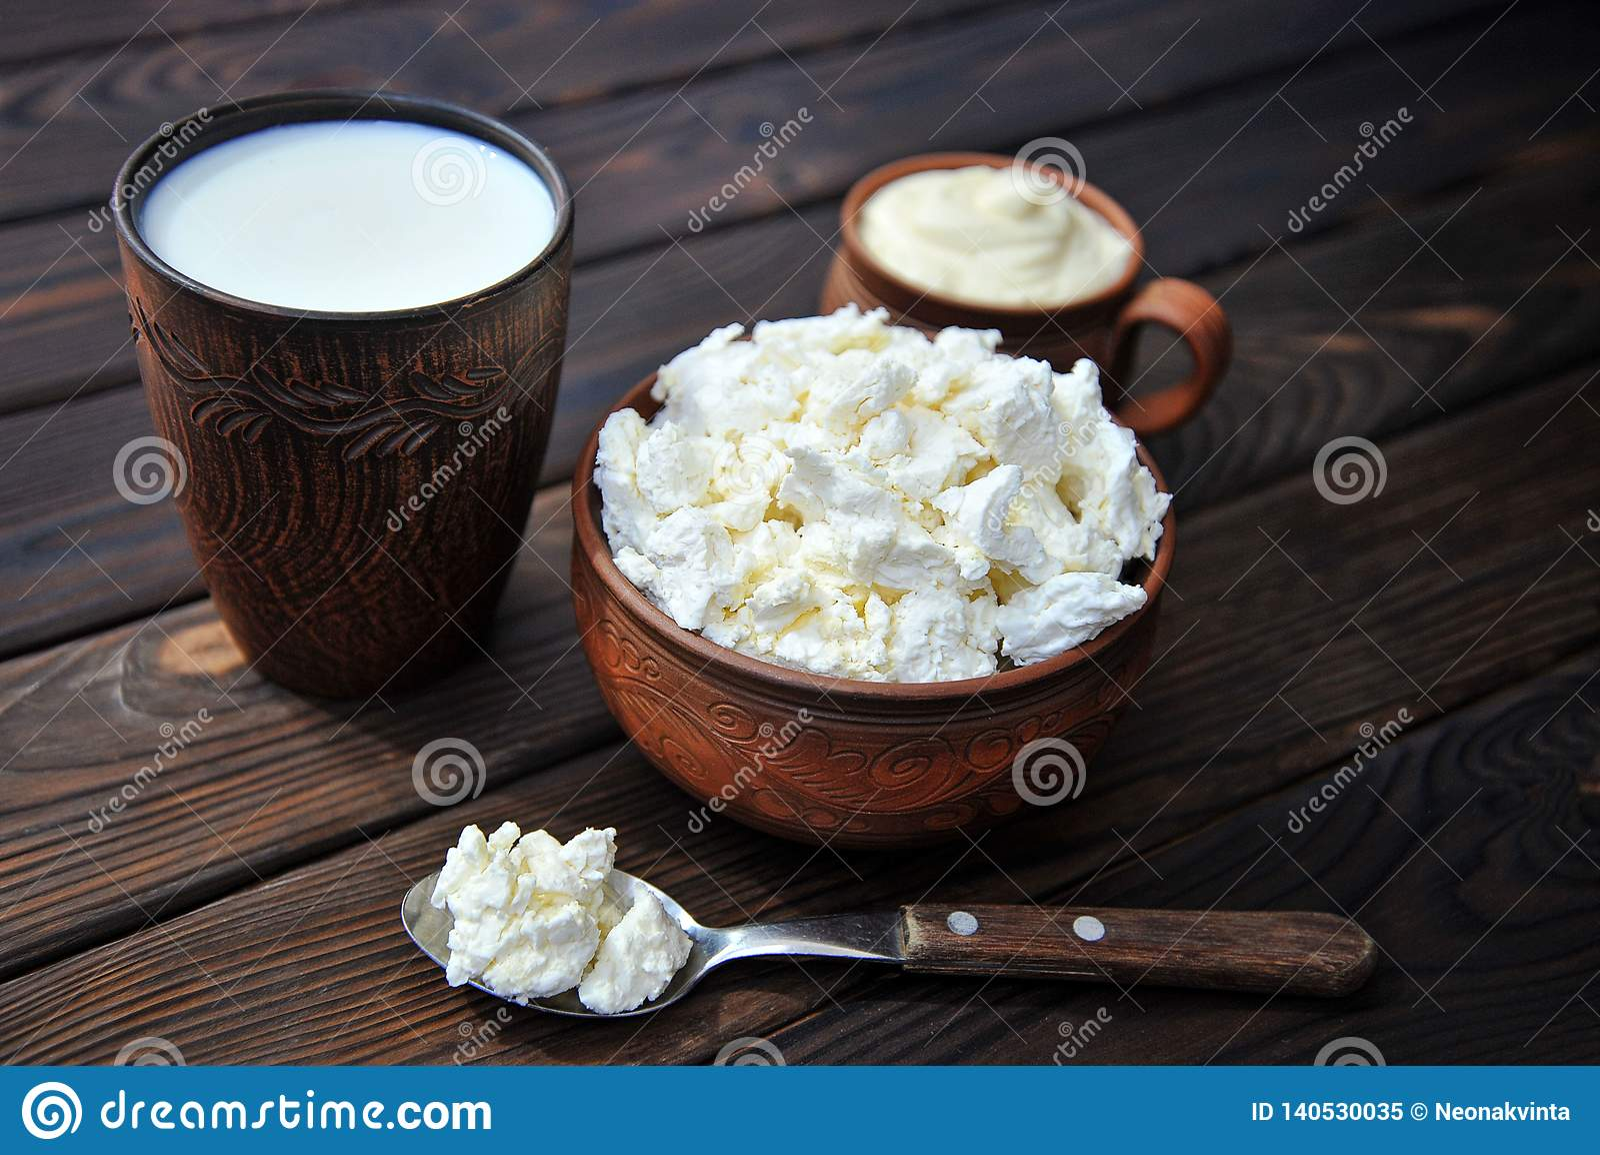 Een kom klei met kwark, een mok klei met zure room, een mok met melk en een lepel op een lijst